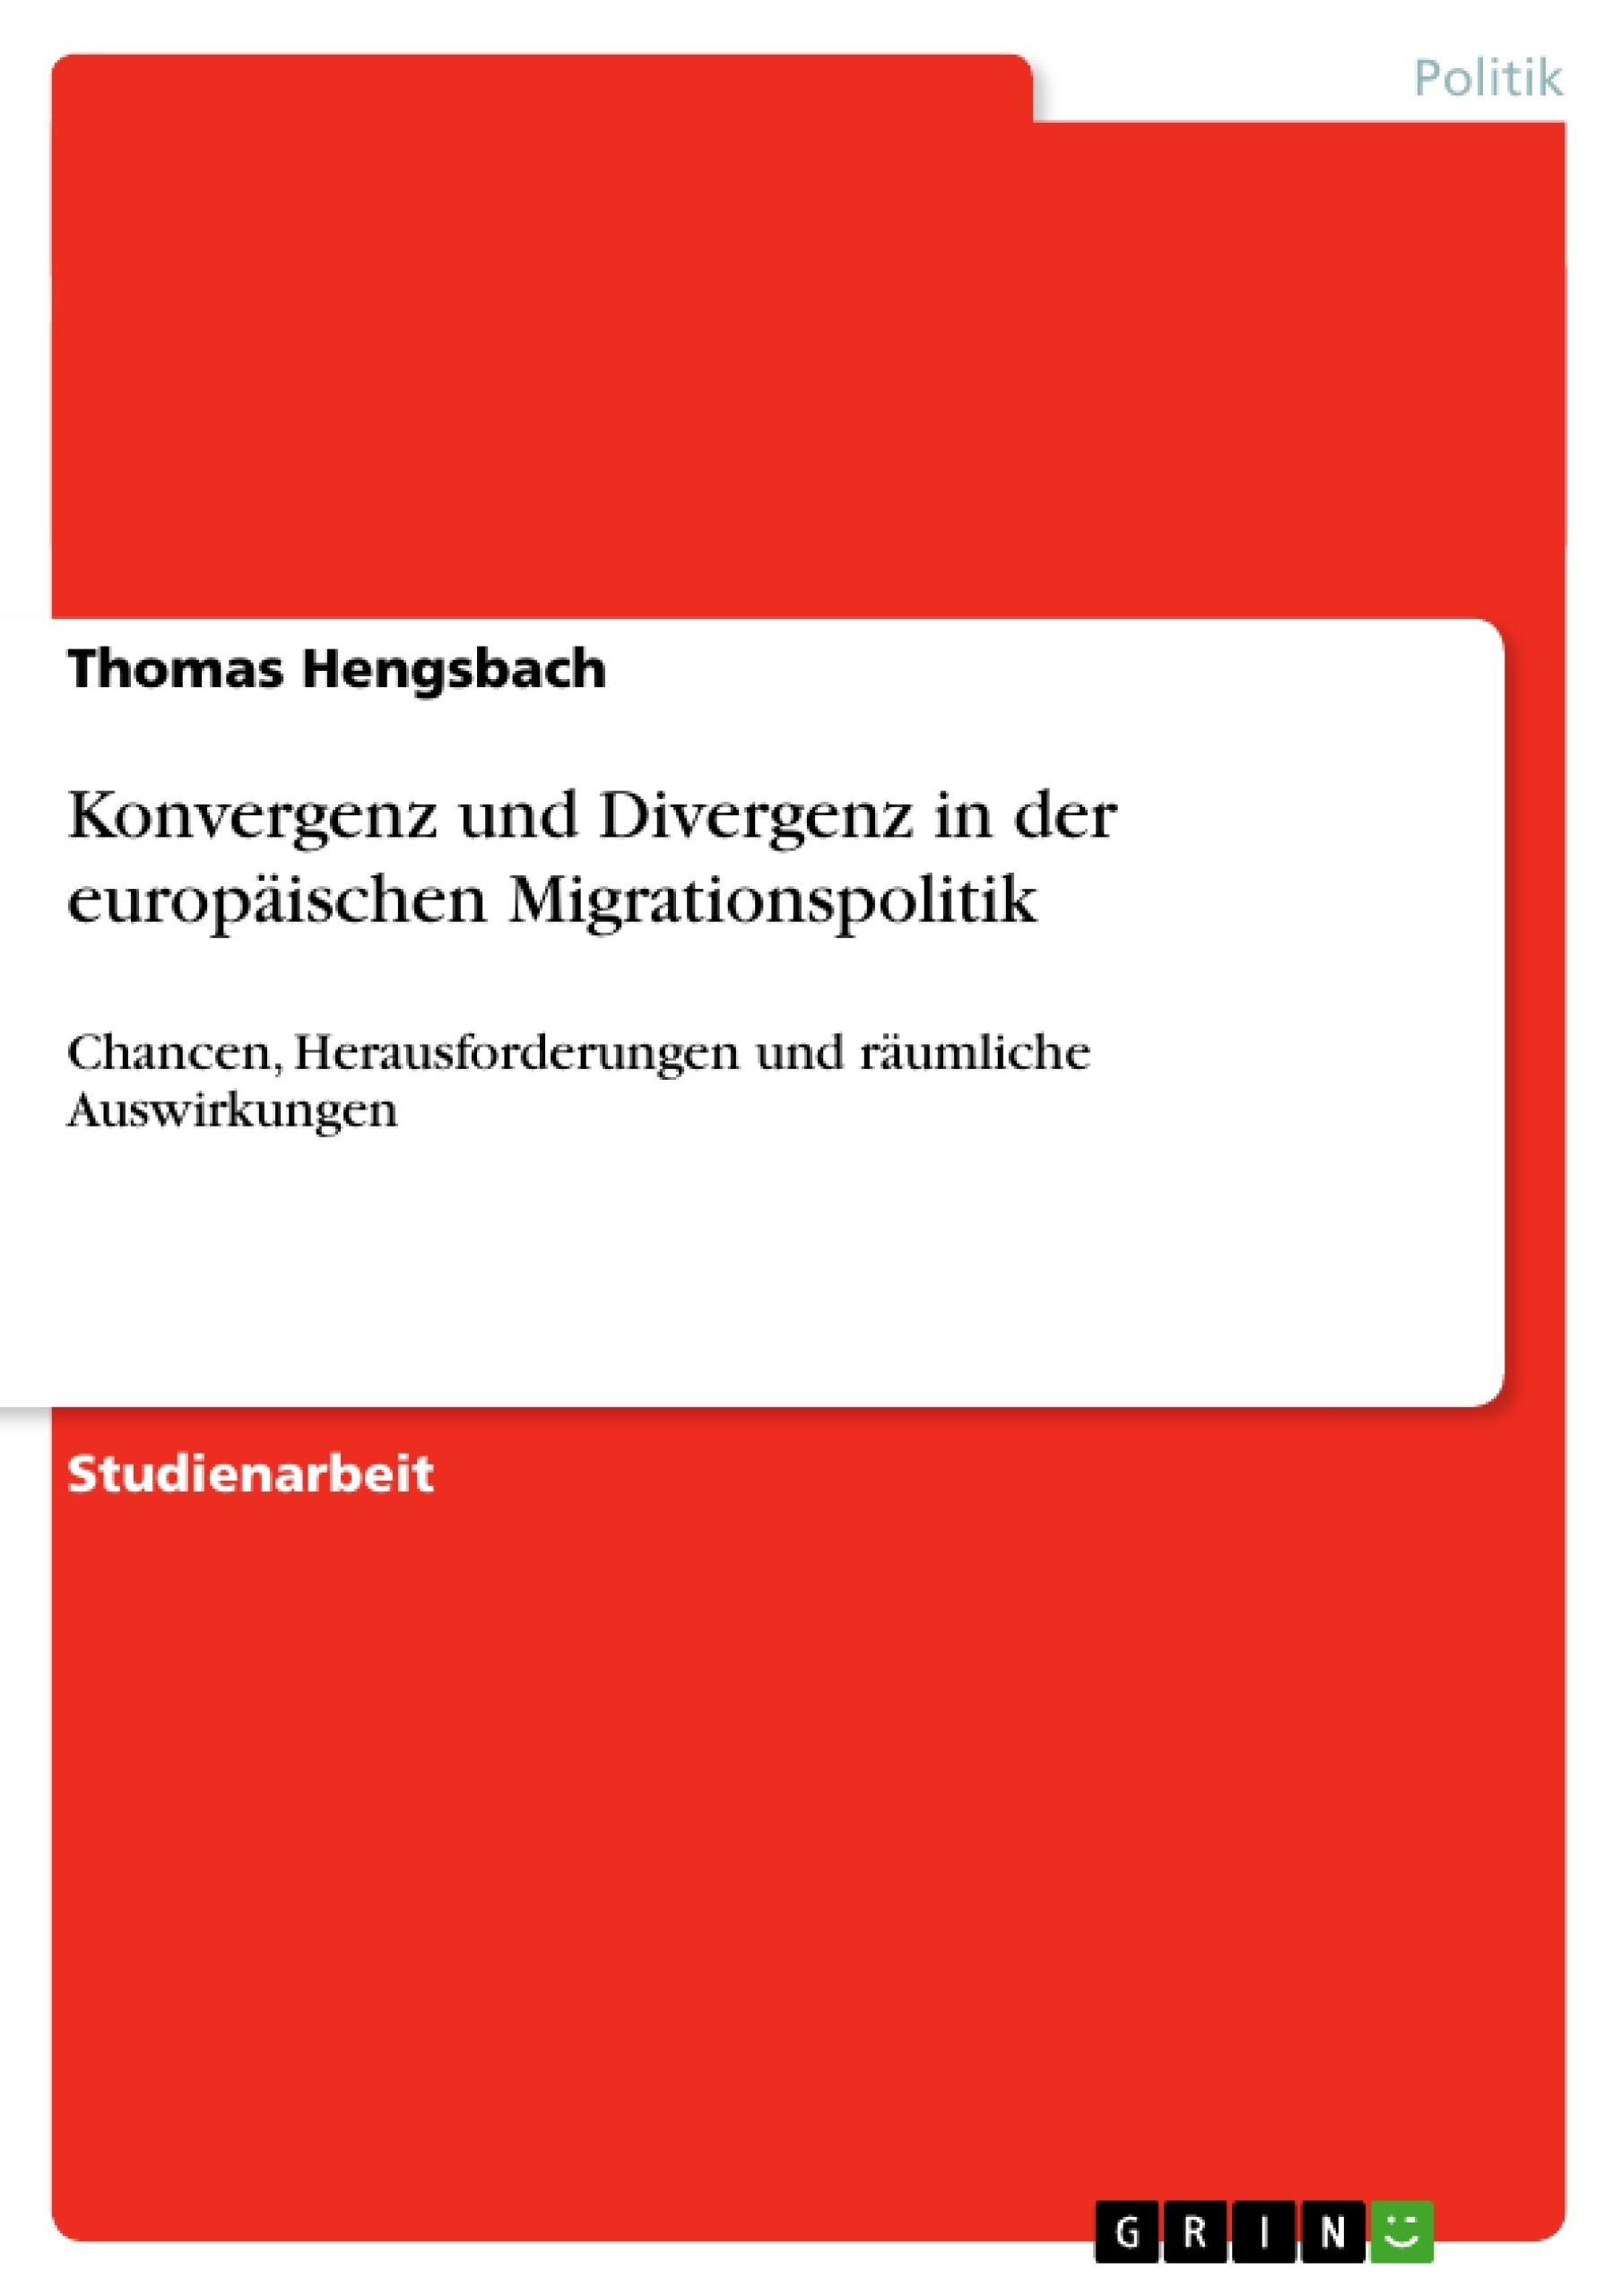 Titel: Konvergenz und Divergenz in der europäischen Migrationspolitik